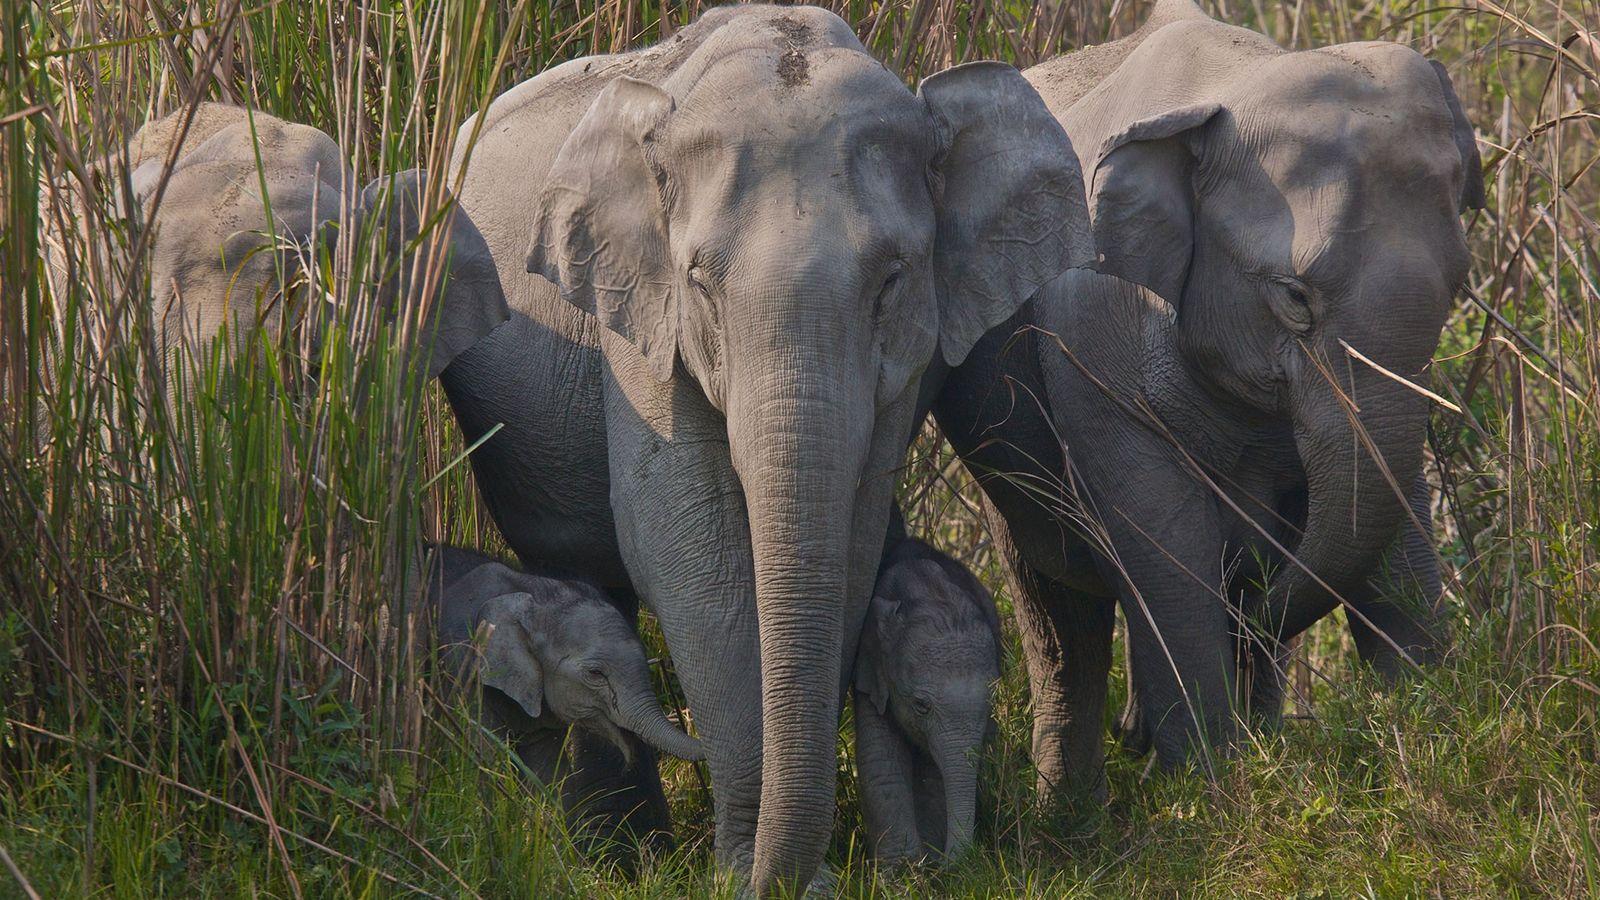 El comercio ilegal de pieles de elefante para cuentas decorativas y polvos medicinales se ha extendido ...